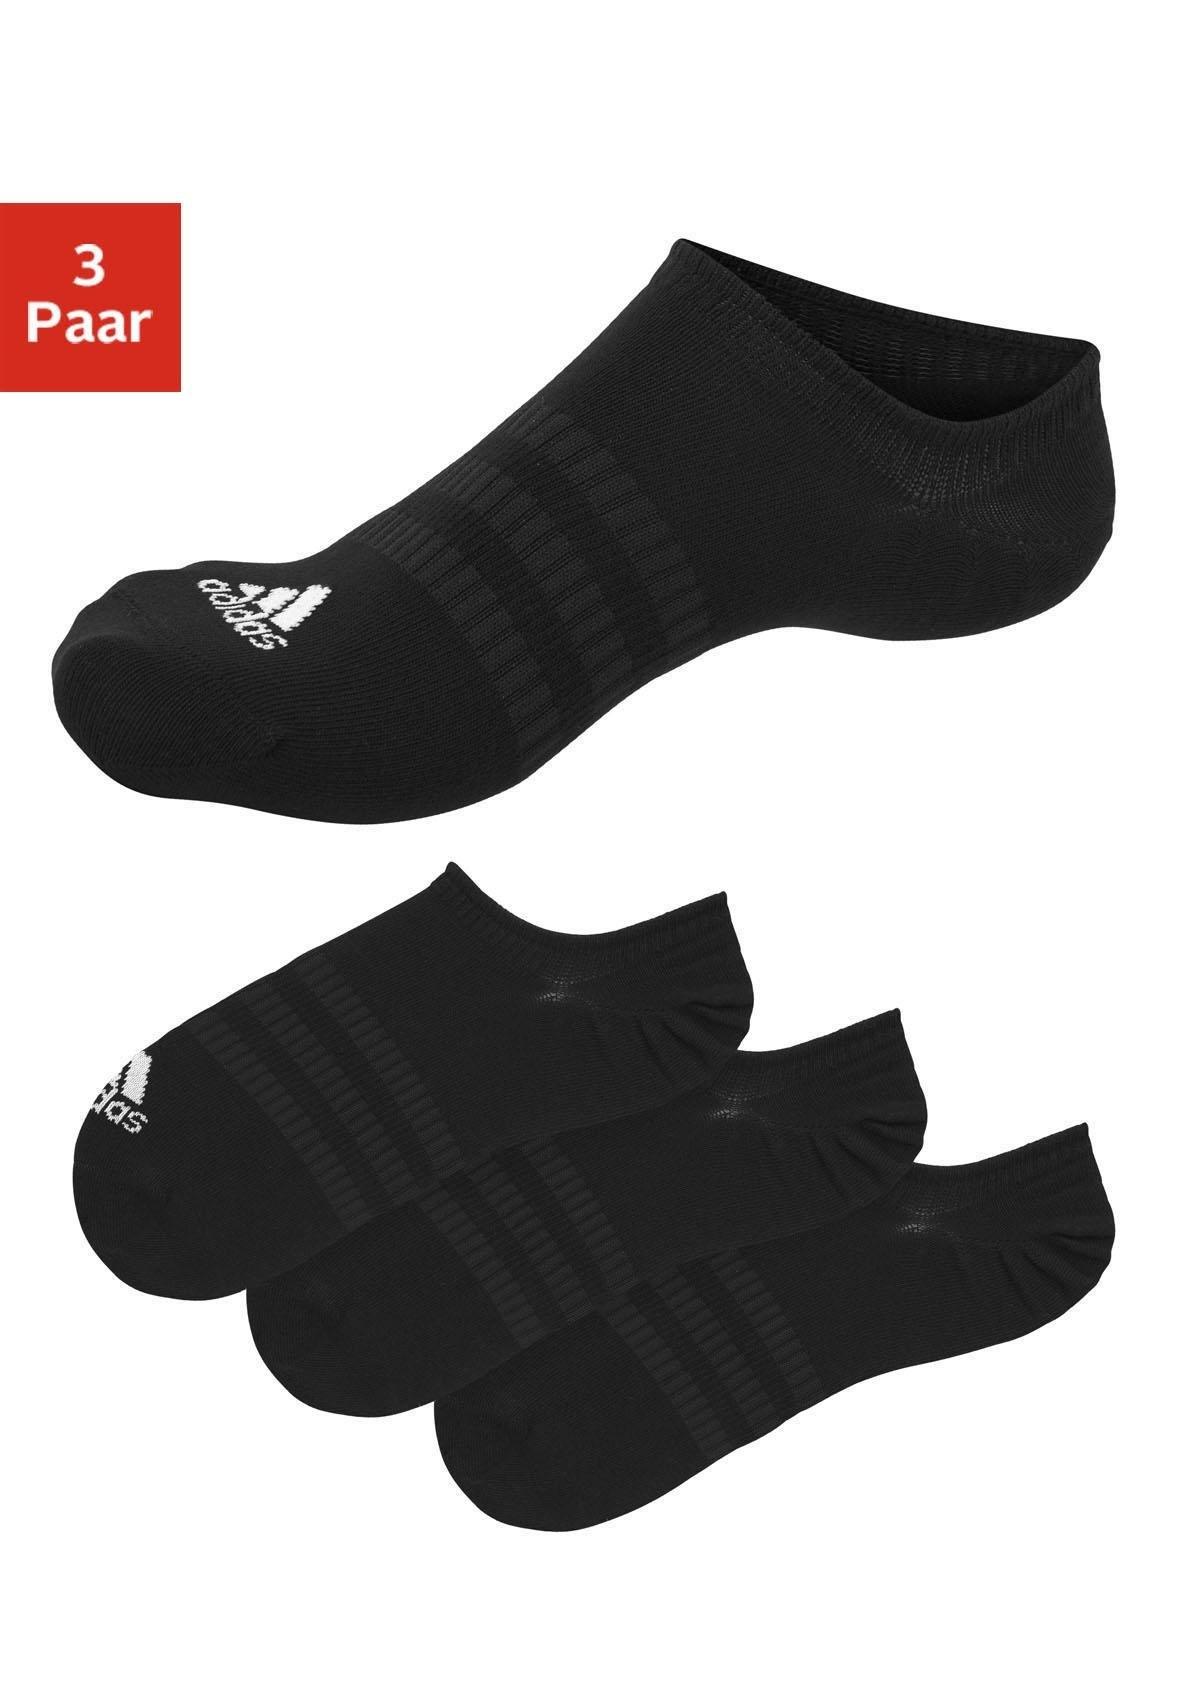 adidas Performance kousenvoetjes onzichtbaar in de schoen online kopen op lascana.nl